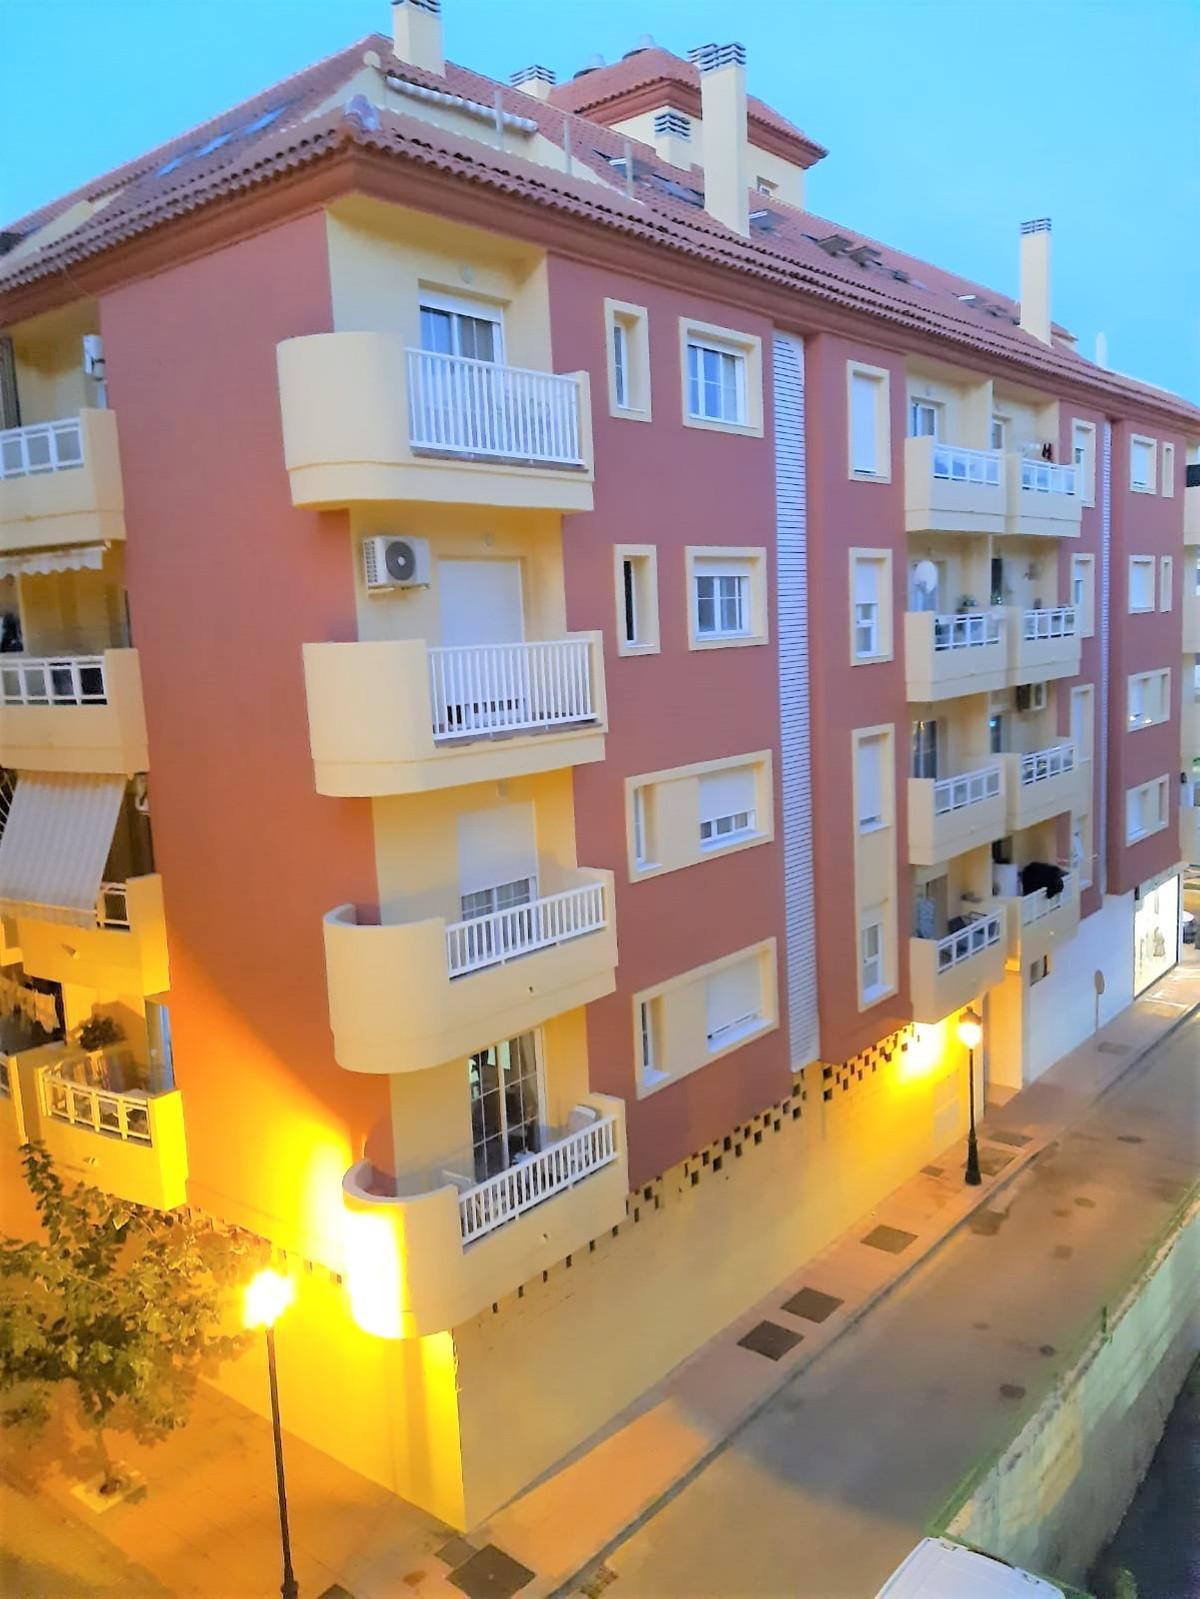 Apartamento, Planta Media  en venta    en Manilva